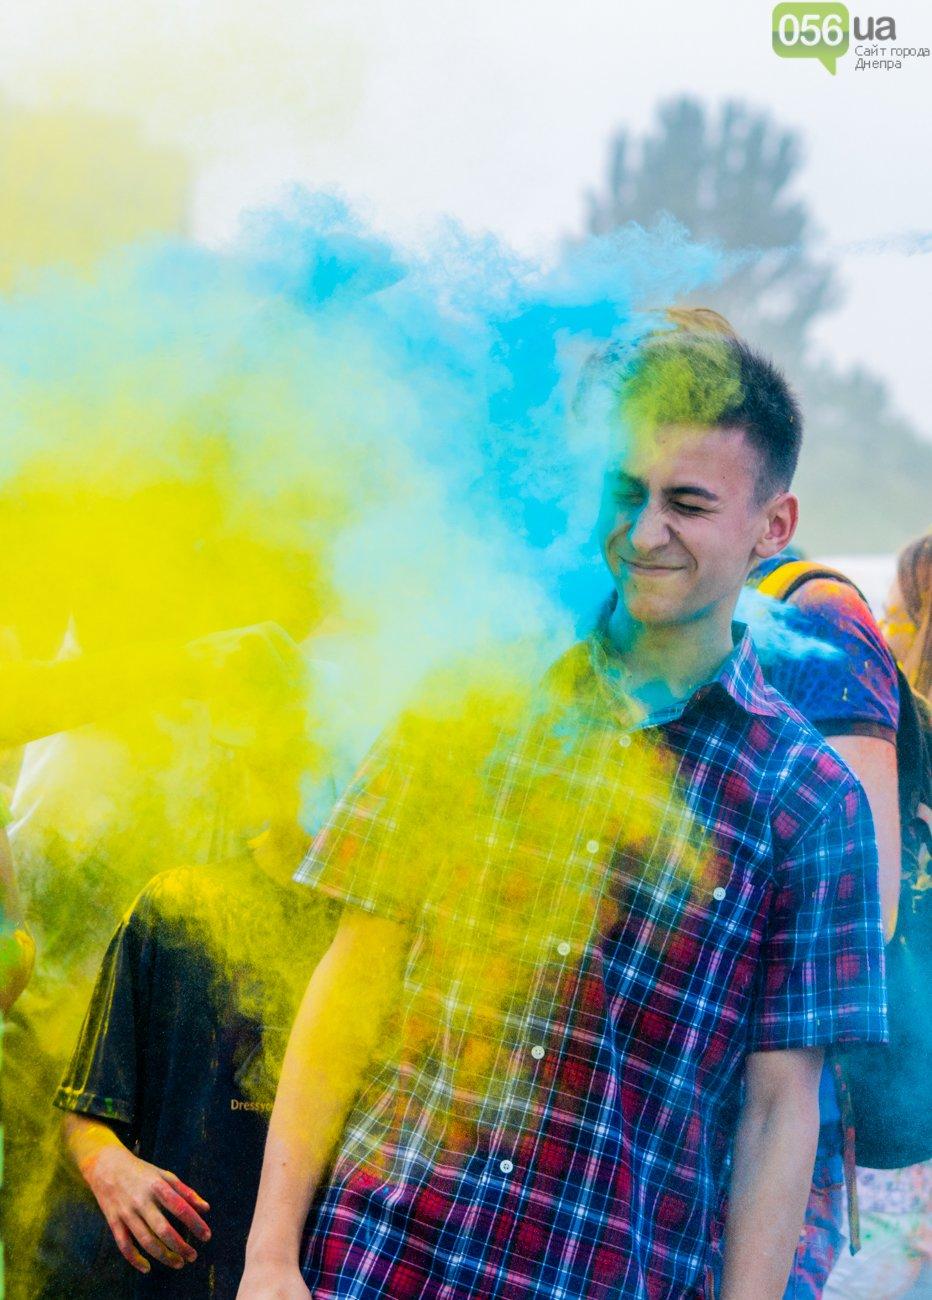 Фестиваль красок и свадьбы: как в Днепре прошел День молодежи, - ФОТОРЕПОРТАЖ, ВИДЕО, фото-12